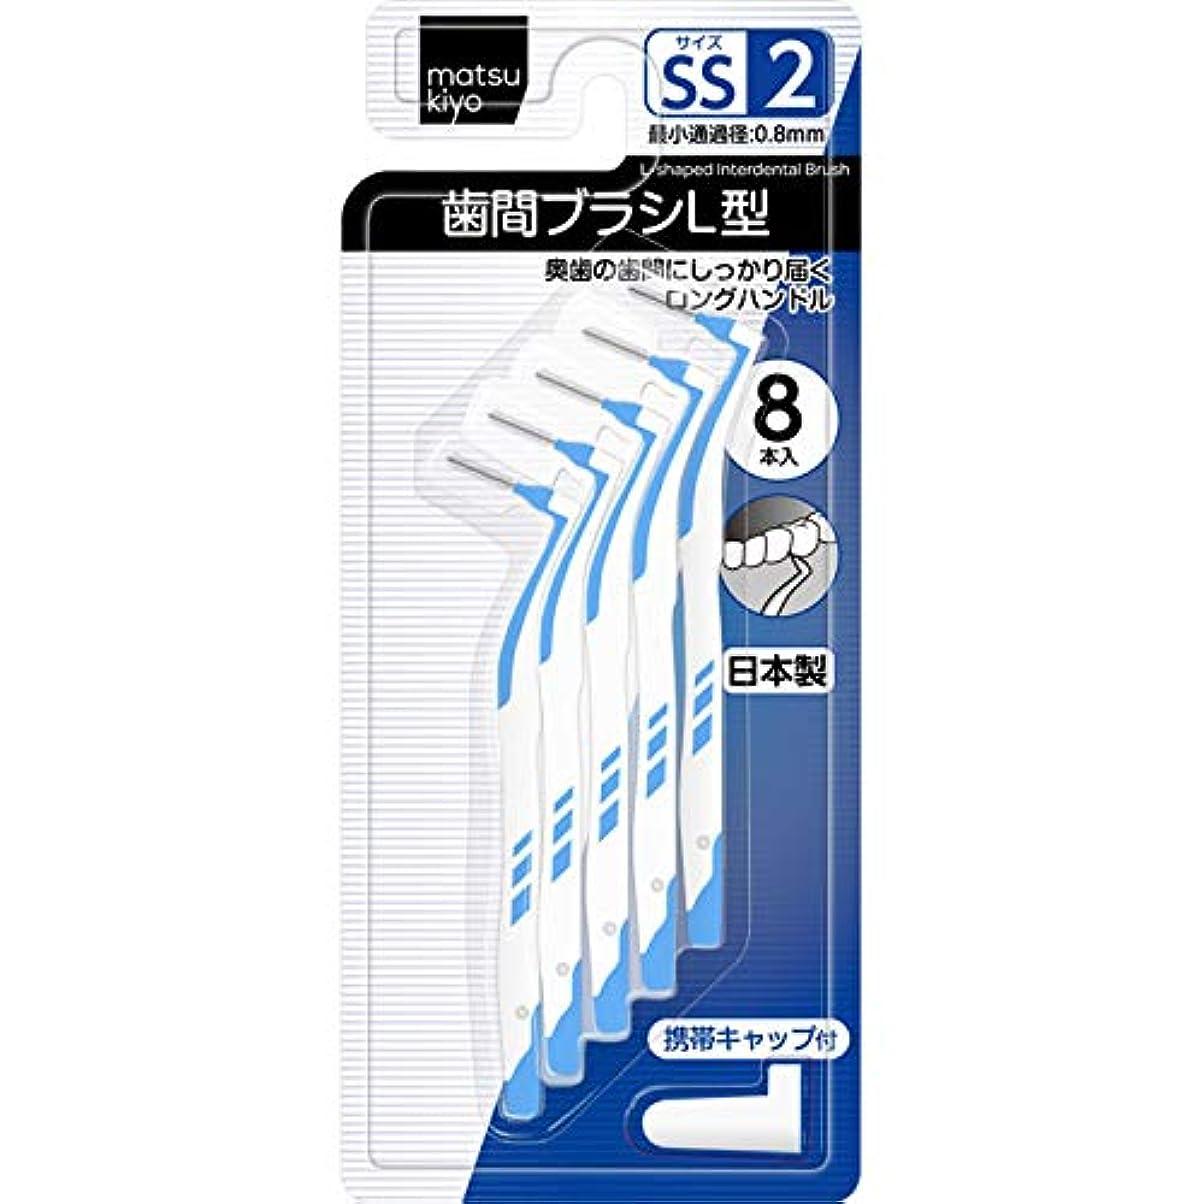 効果的にテスピアン登るmatsukiyo 歯間ブラシL型 サイズ2(SS) 8本